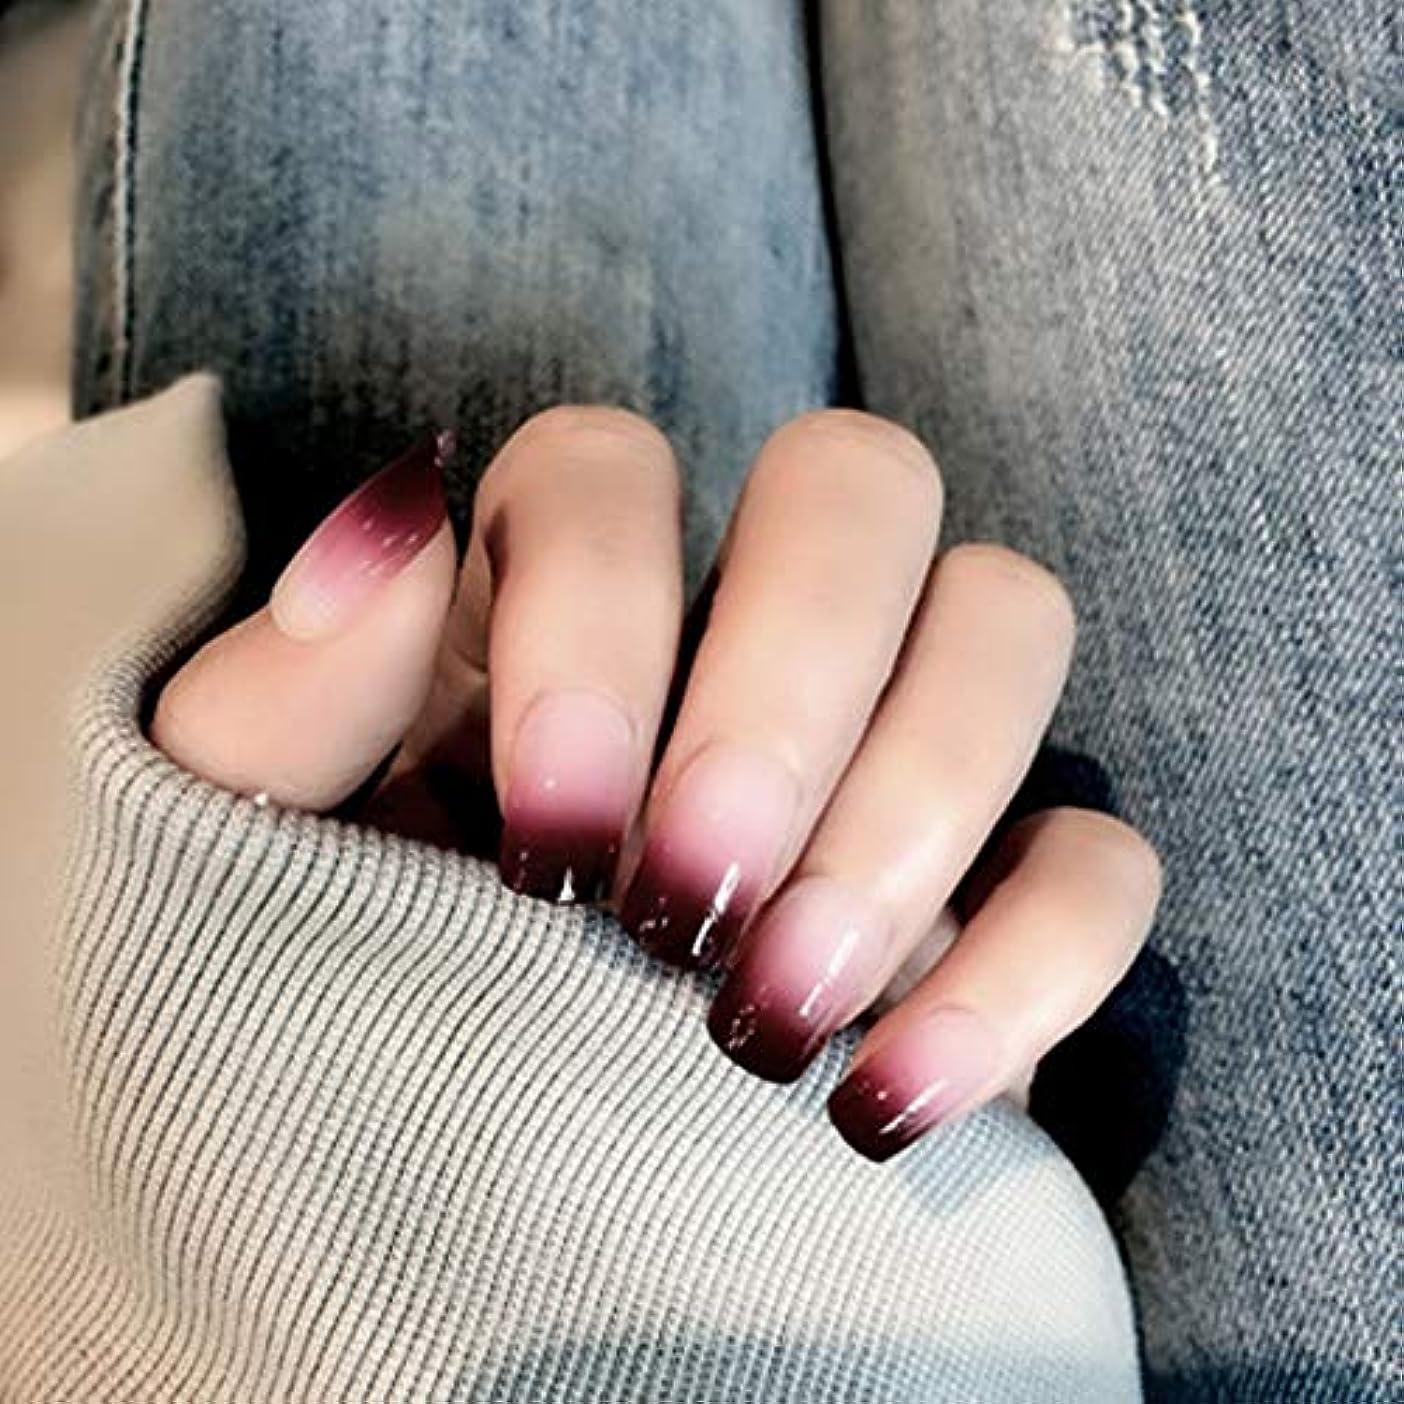 吸収する必須神XUTXZKA 24個の赤ワインのグラデーションカラーの長い爪のファッションステッカー女性のステッカー